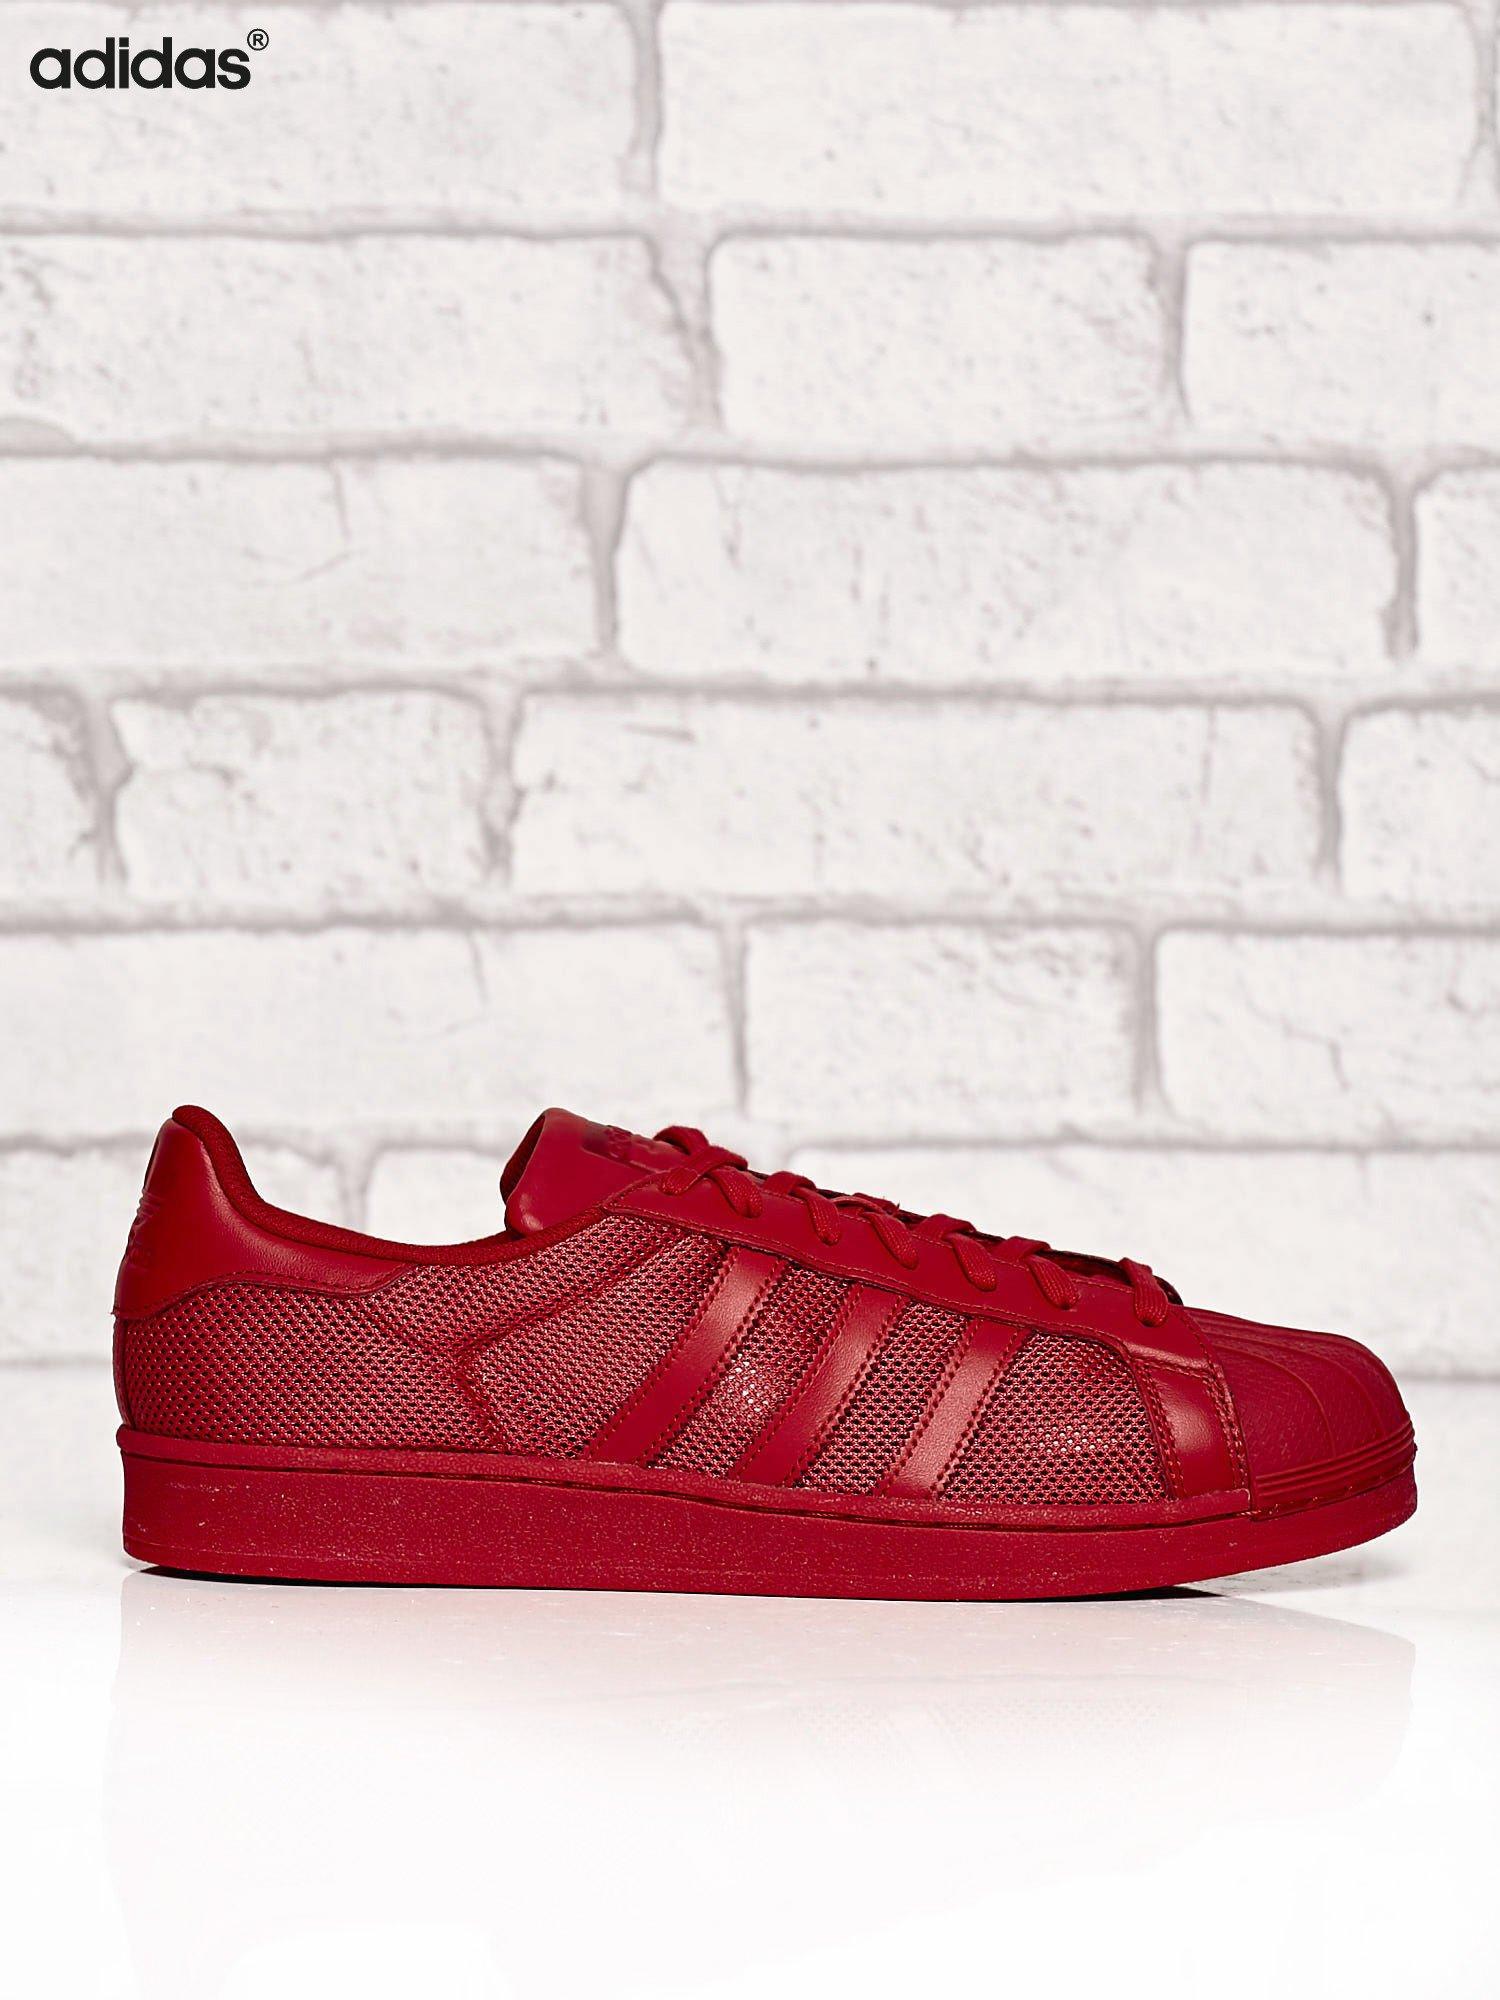 ADIDAS czerwone buty m?skie Superstar Collegiate Red o dziurkowej fakturze